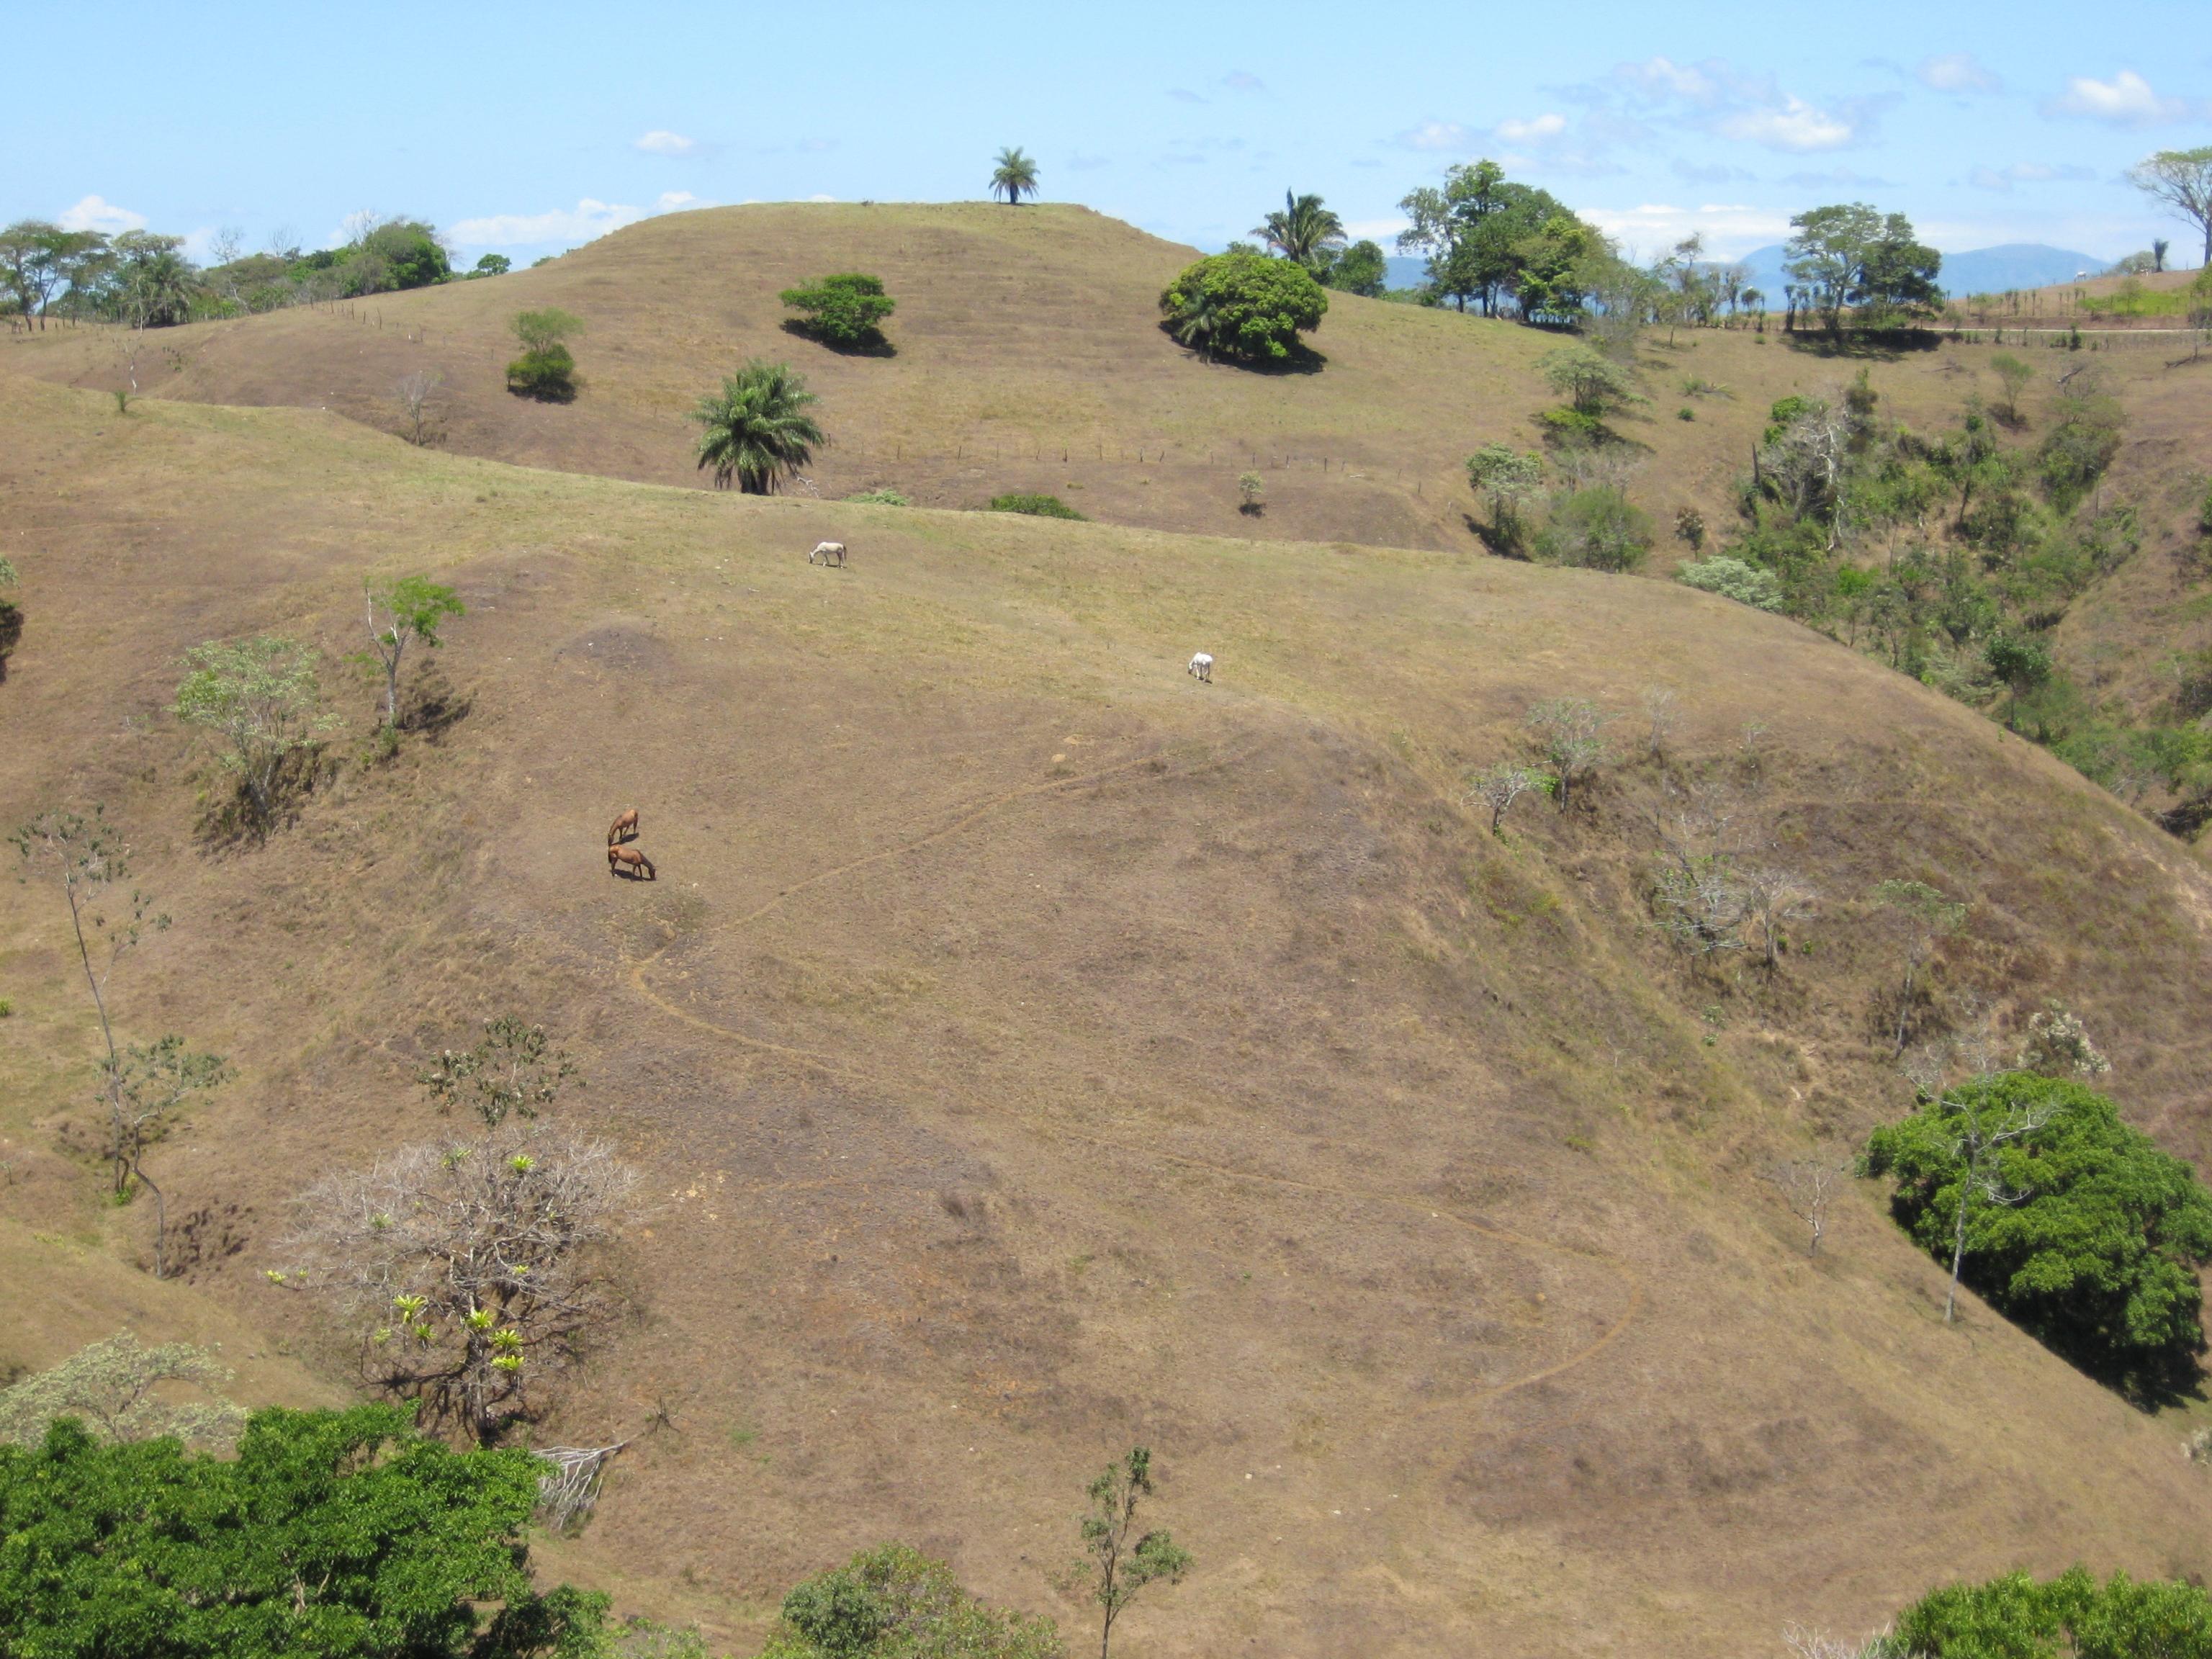 Los impactos de la ganadería en zonas de alta pendiente son evidentes. Suelen ser un factor de degradación de suelos. Foto: Andrés Zuluaga.